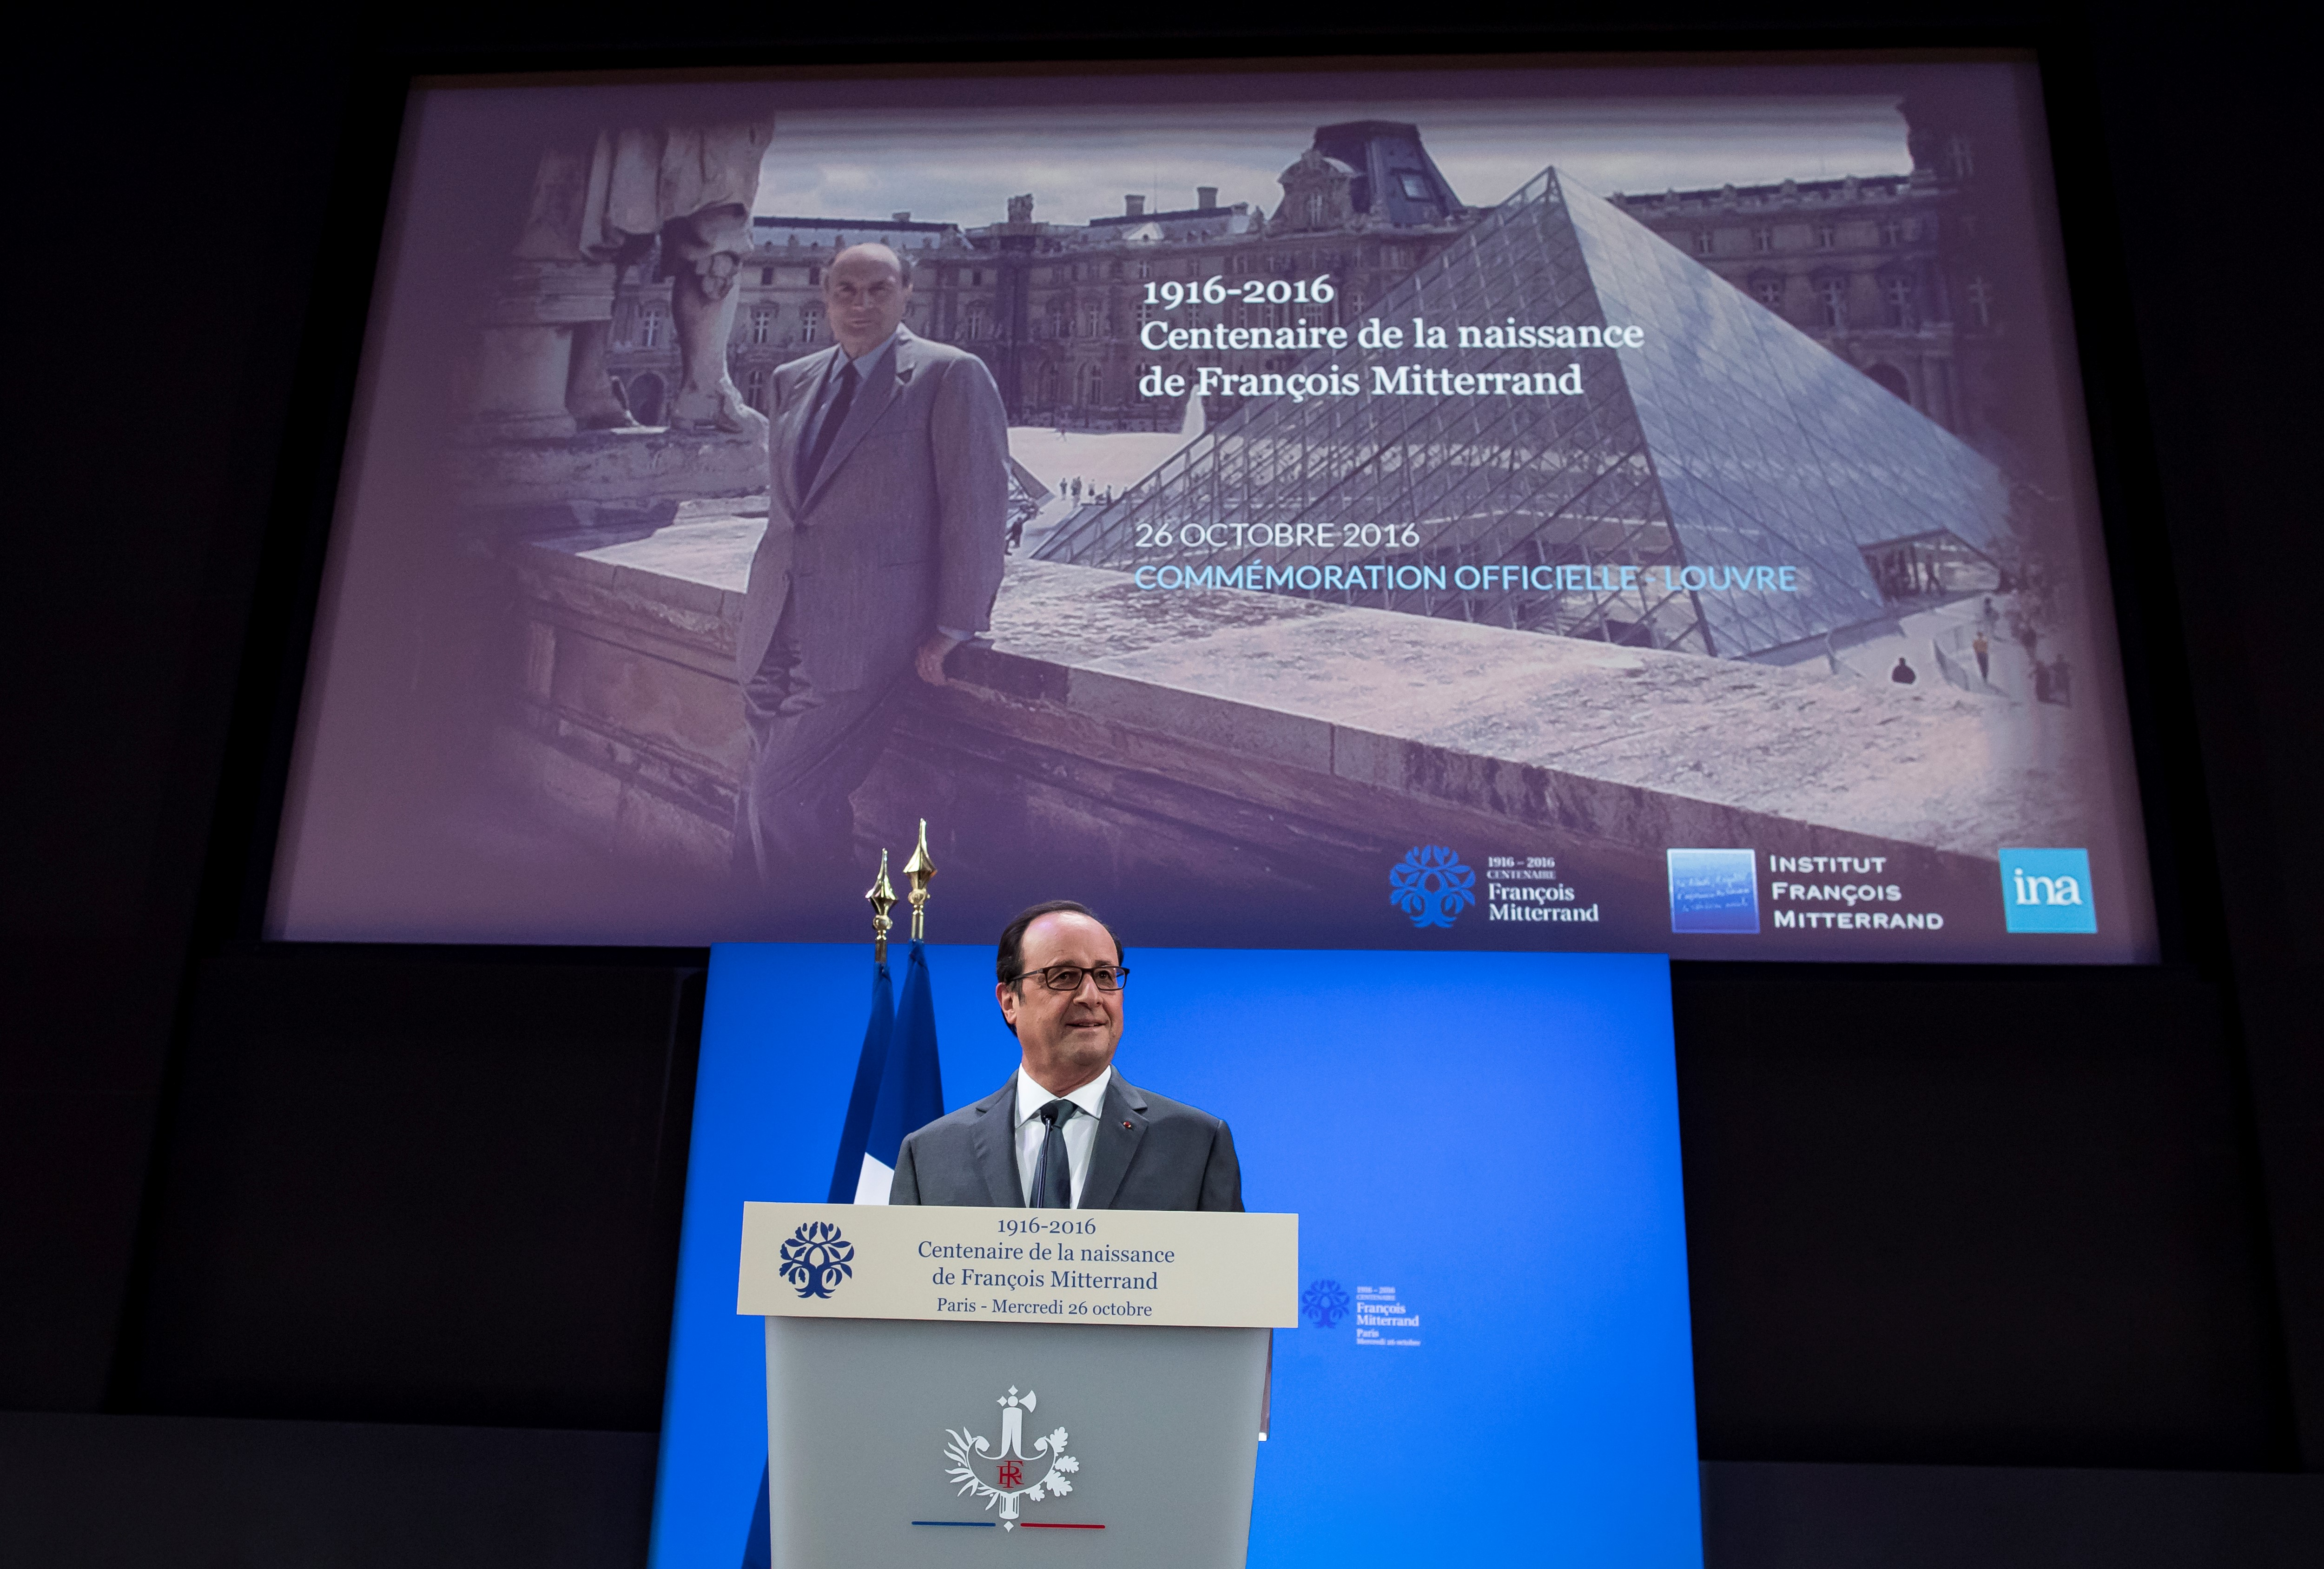 الرئيس الفرنسي فرانسوا هولاند في احتفالية بمتحف اللوفر في باريس بمناسبة إصدار طابع للاحتفاء بالرئيس الأسبق فرانسوا ميتران